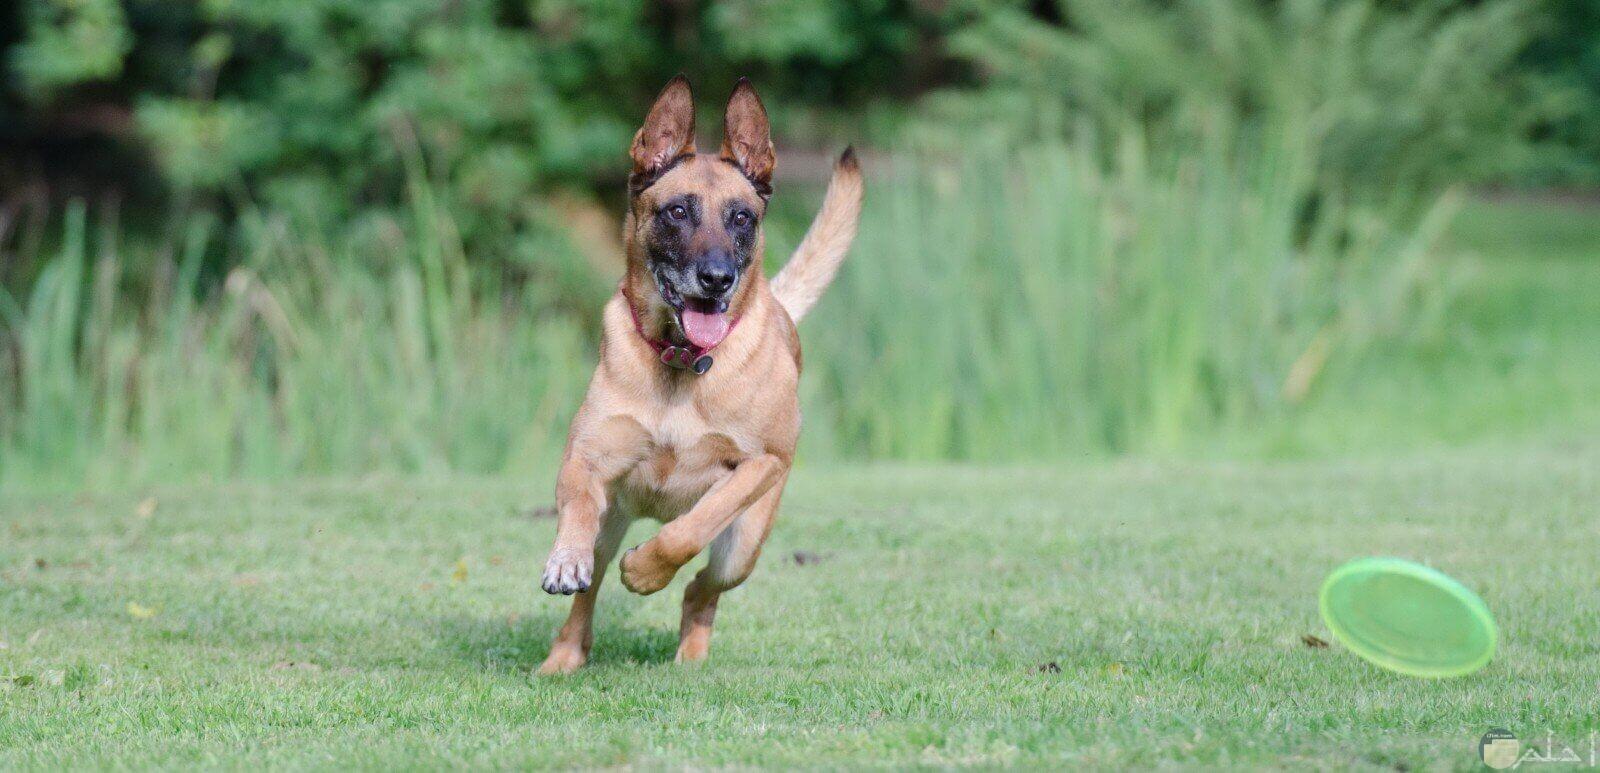 كلب يجري بسرعه